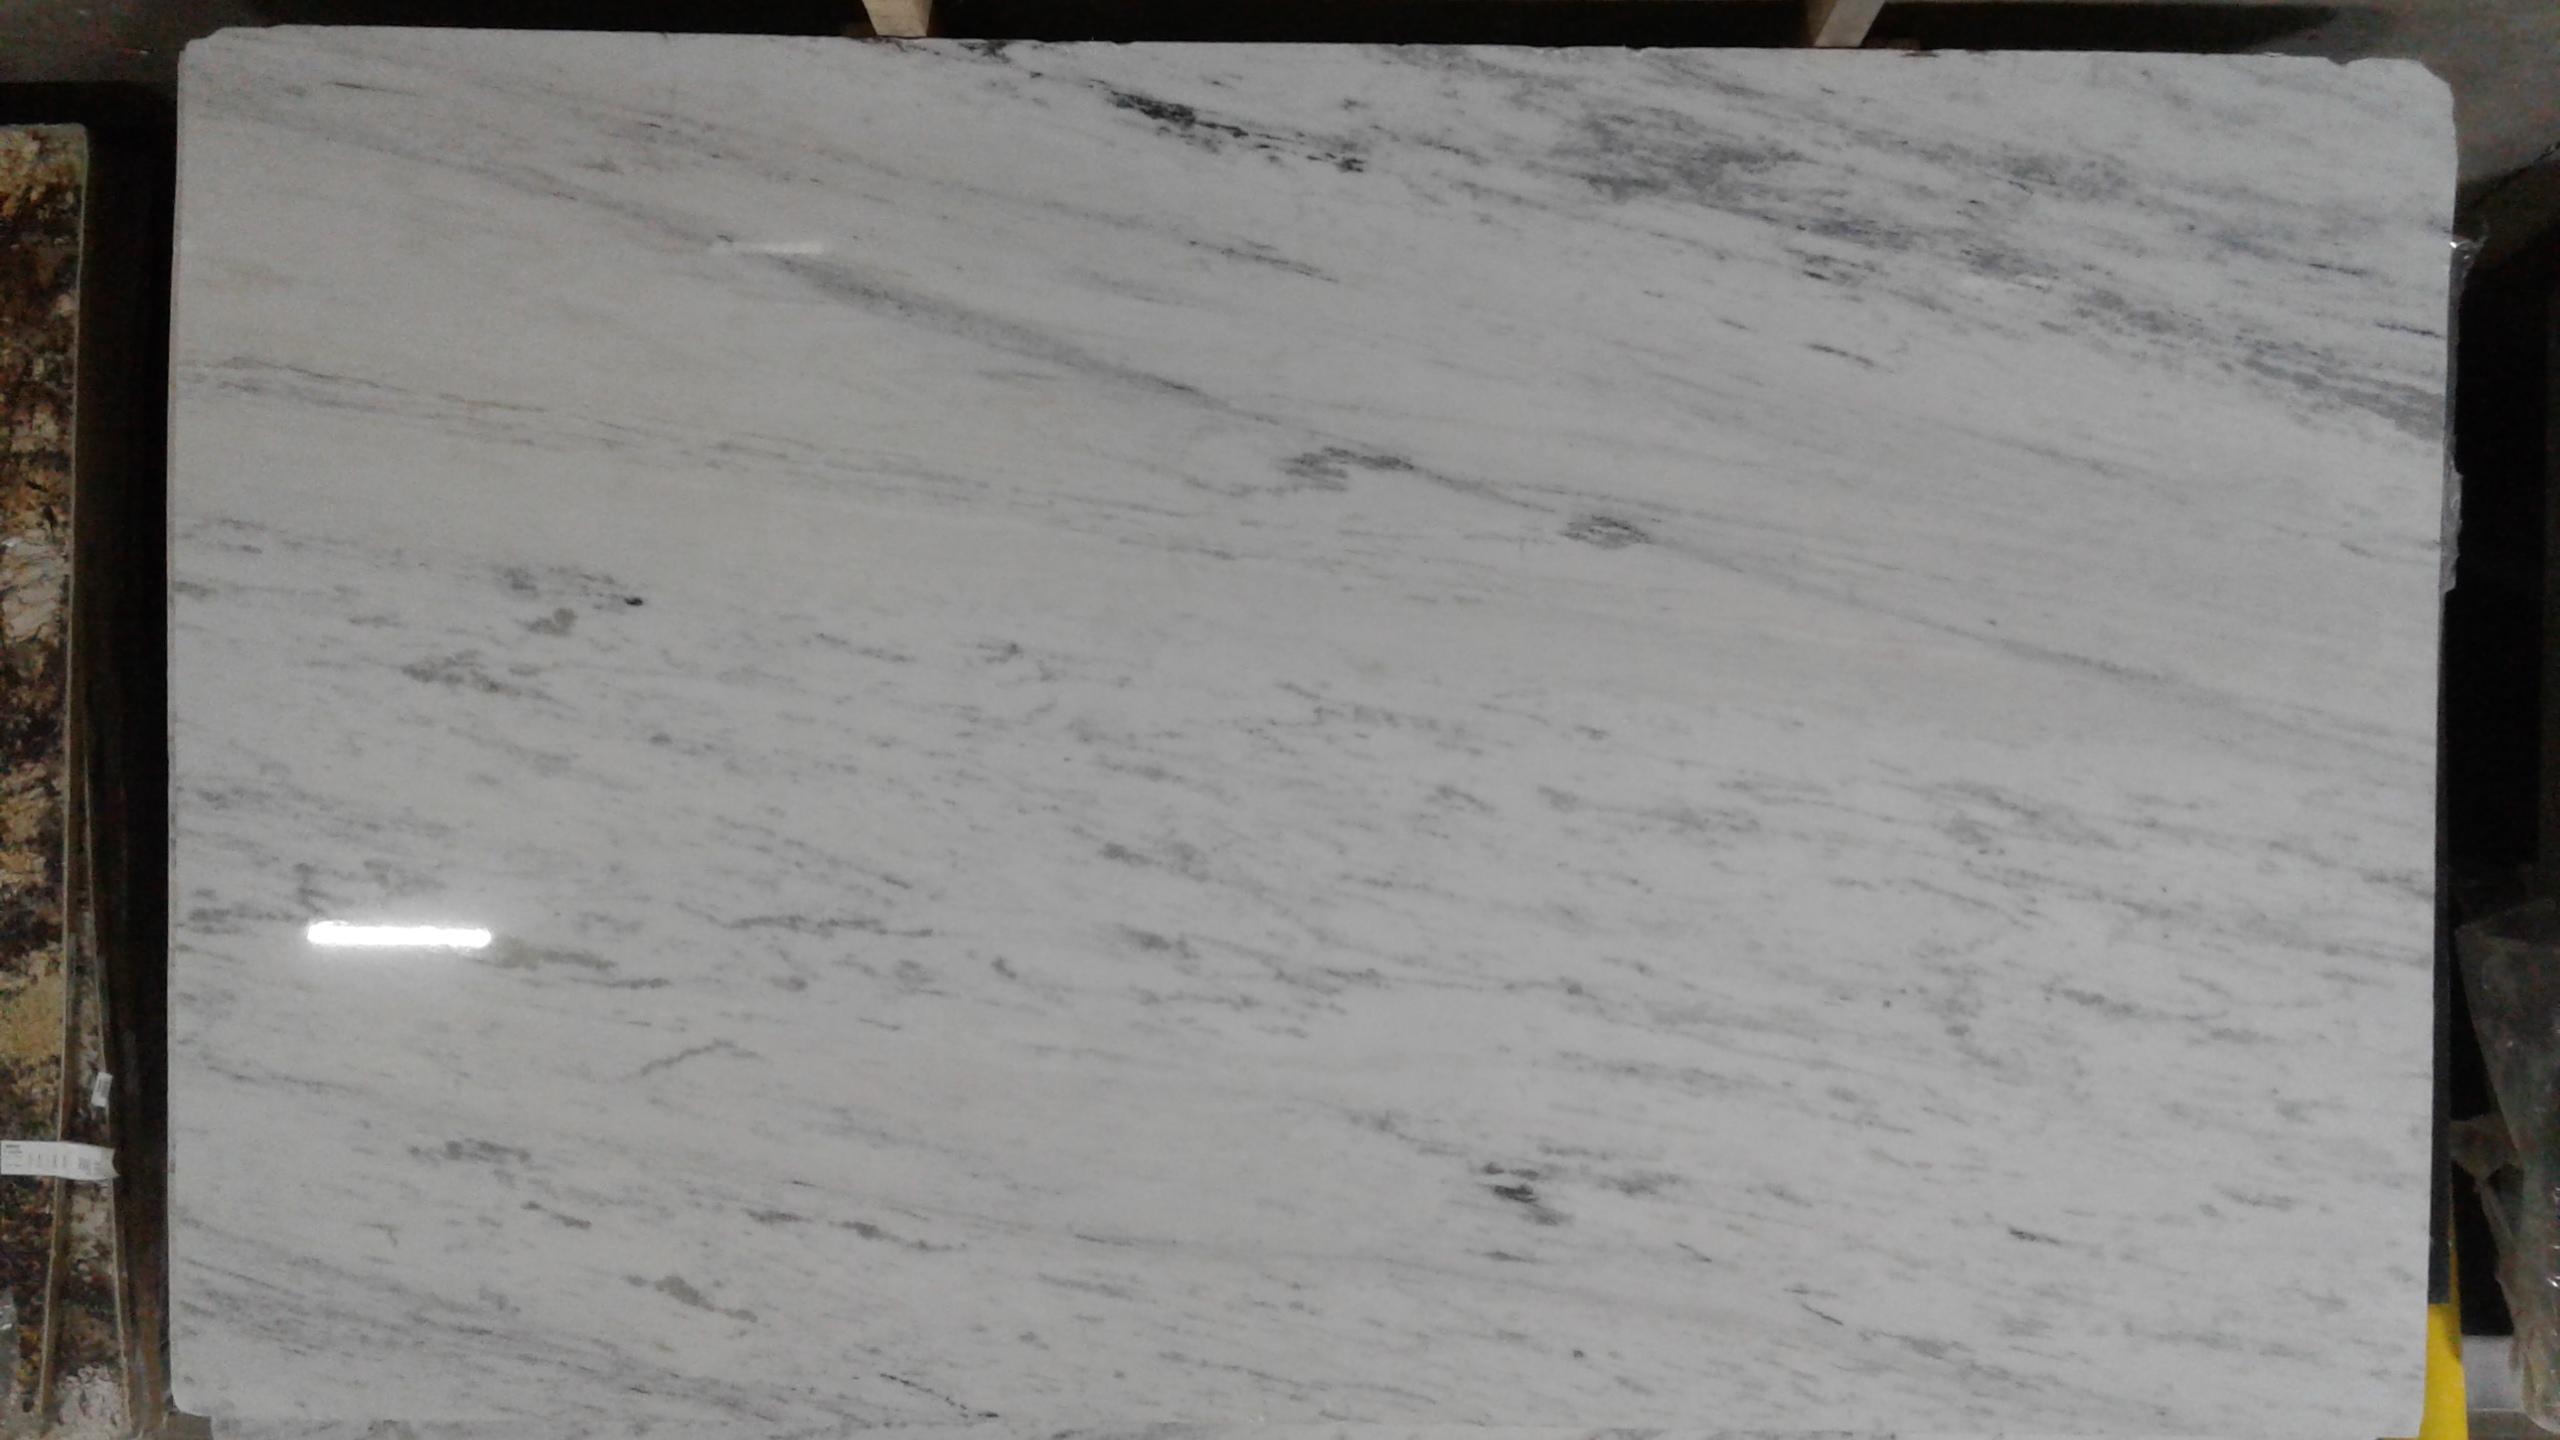 Products | Instyle / Avani Granite, Marble, Quartz, and Quartzite